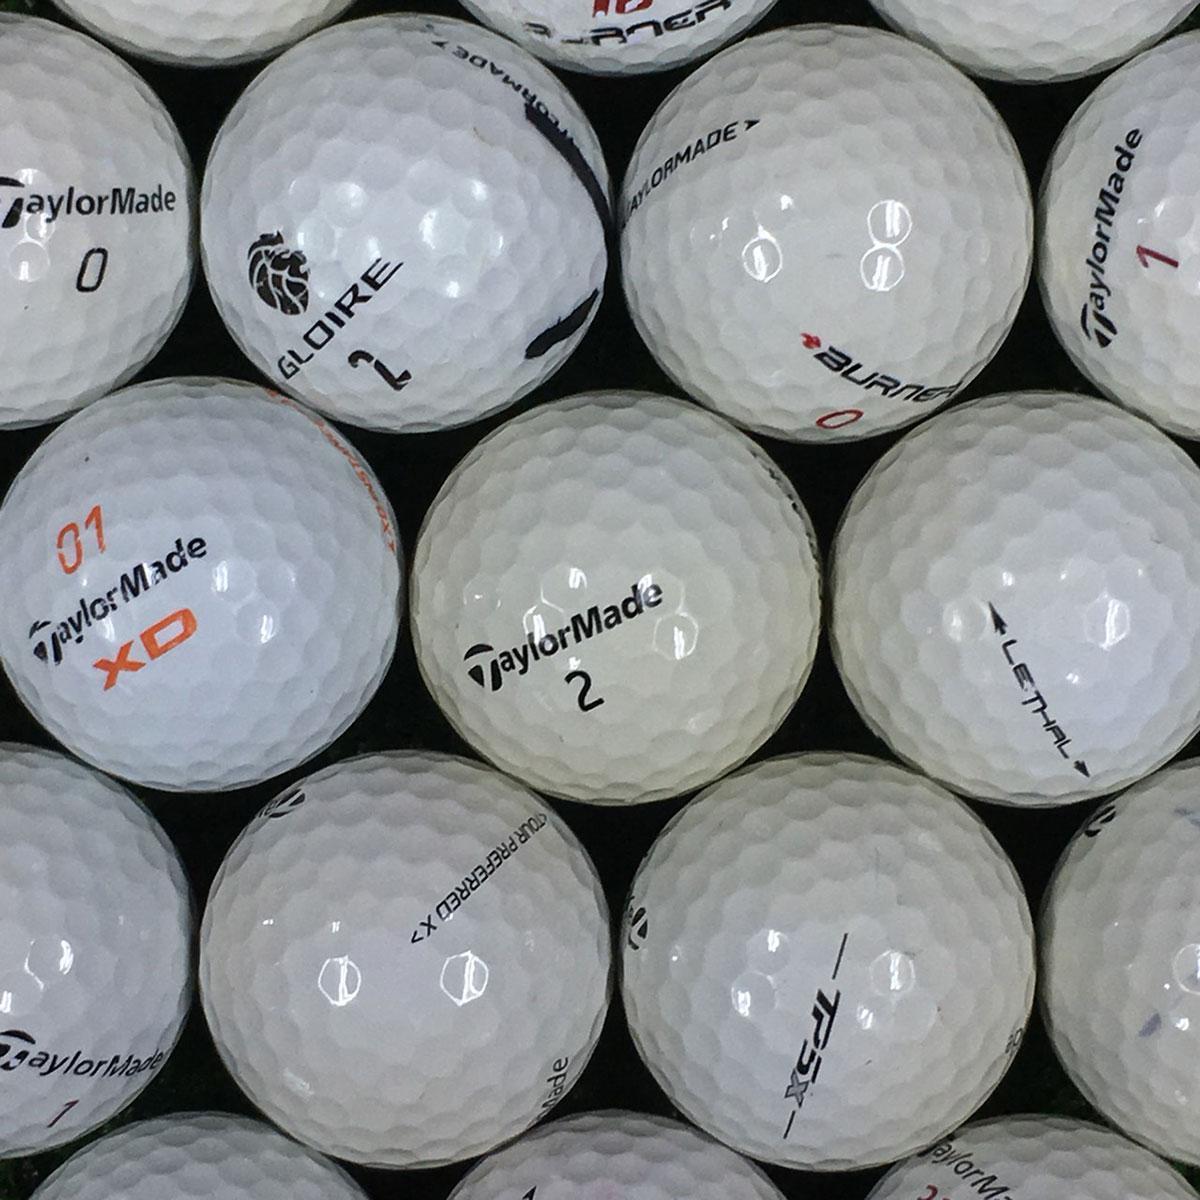 【4/14(日)までお得なクーポン配布中♪】ロストボール Lost Ball テーラーメイド混合 練習用ボール 500個セット